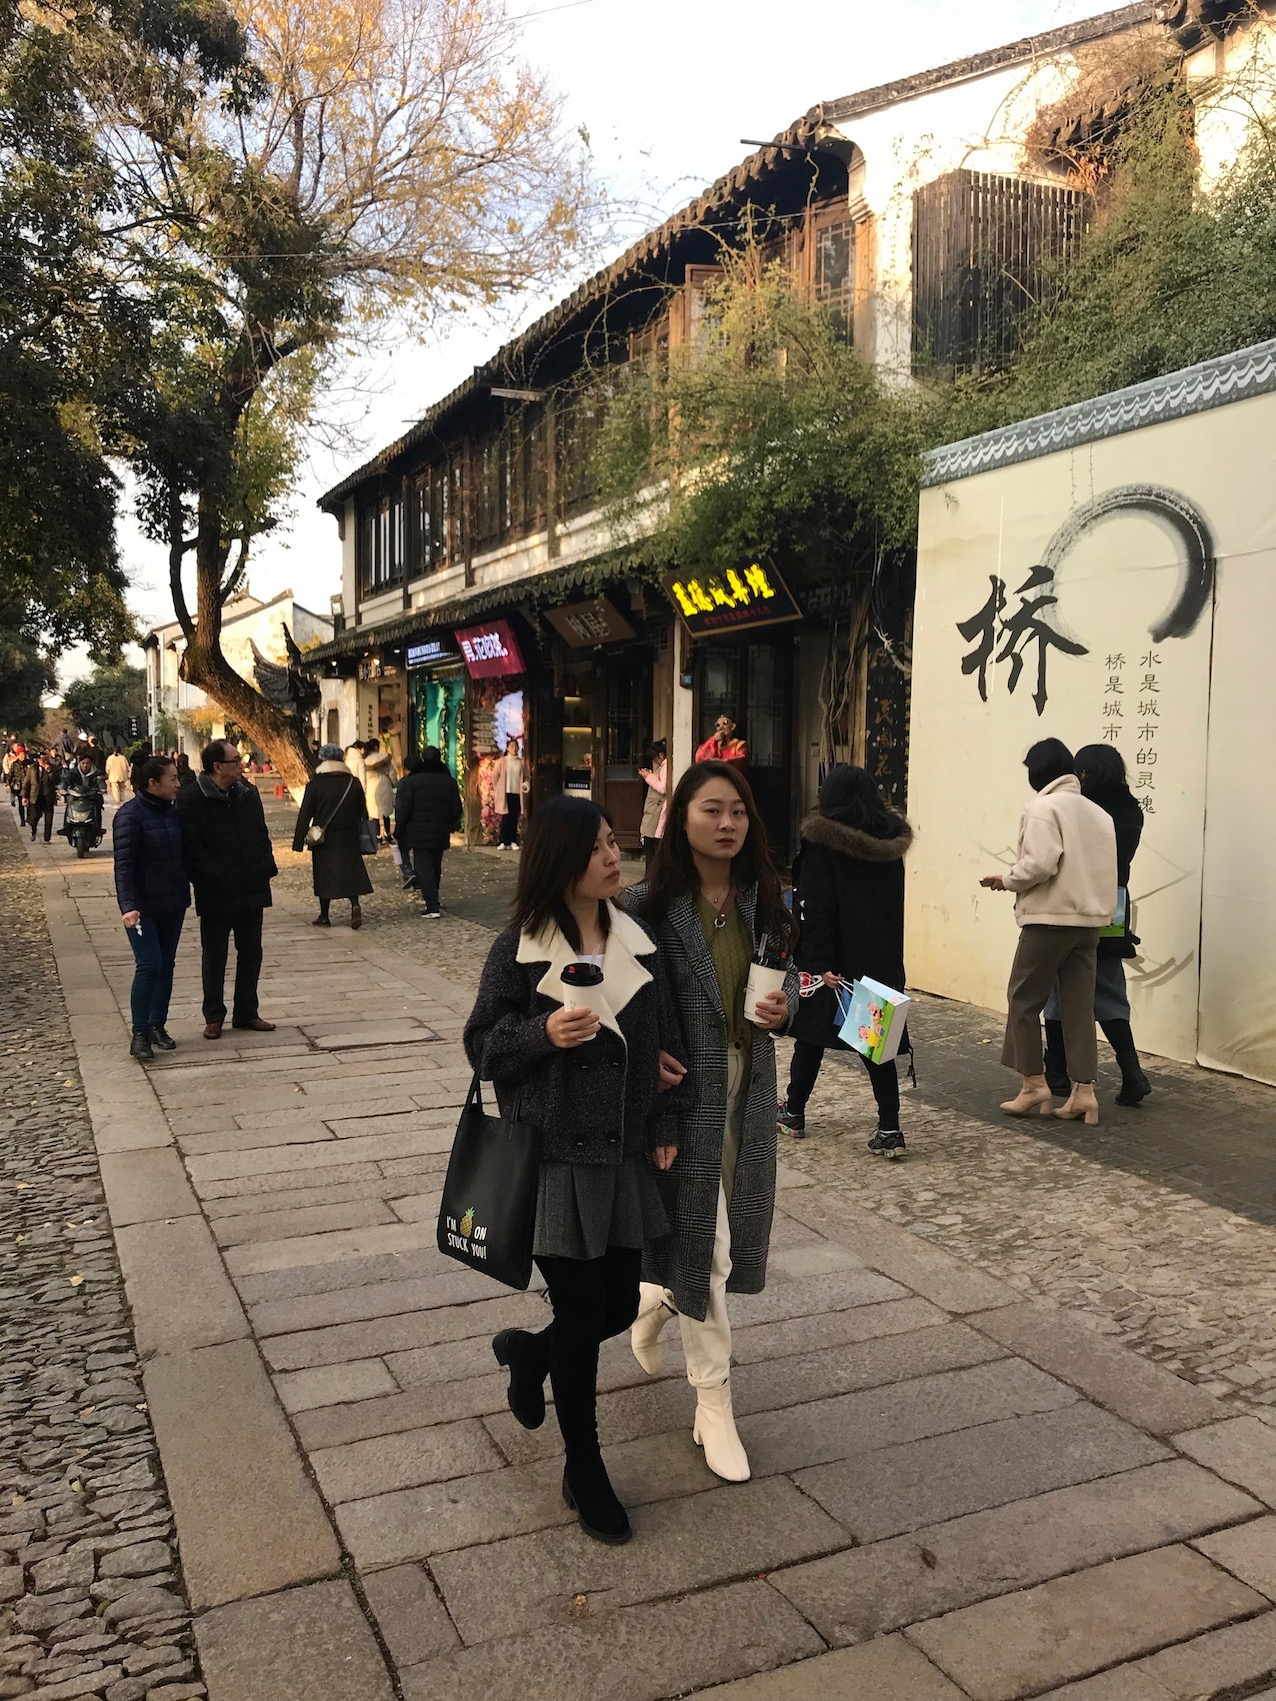 Pingjiang Road Suzhou Jiangsu Province China